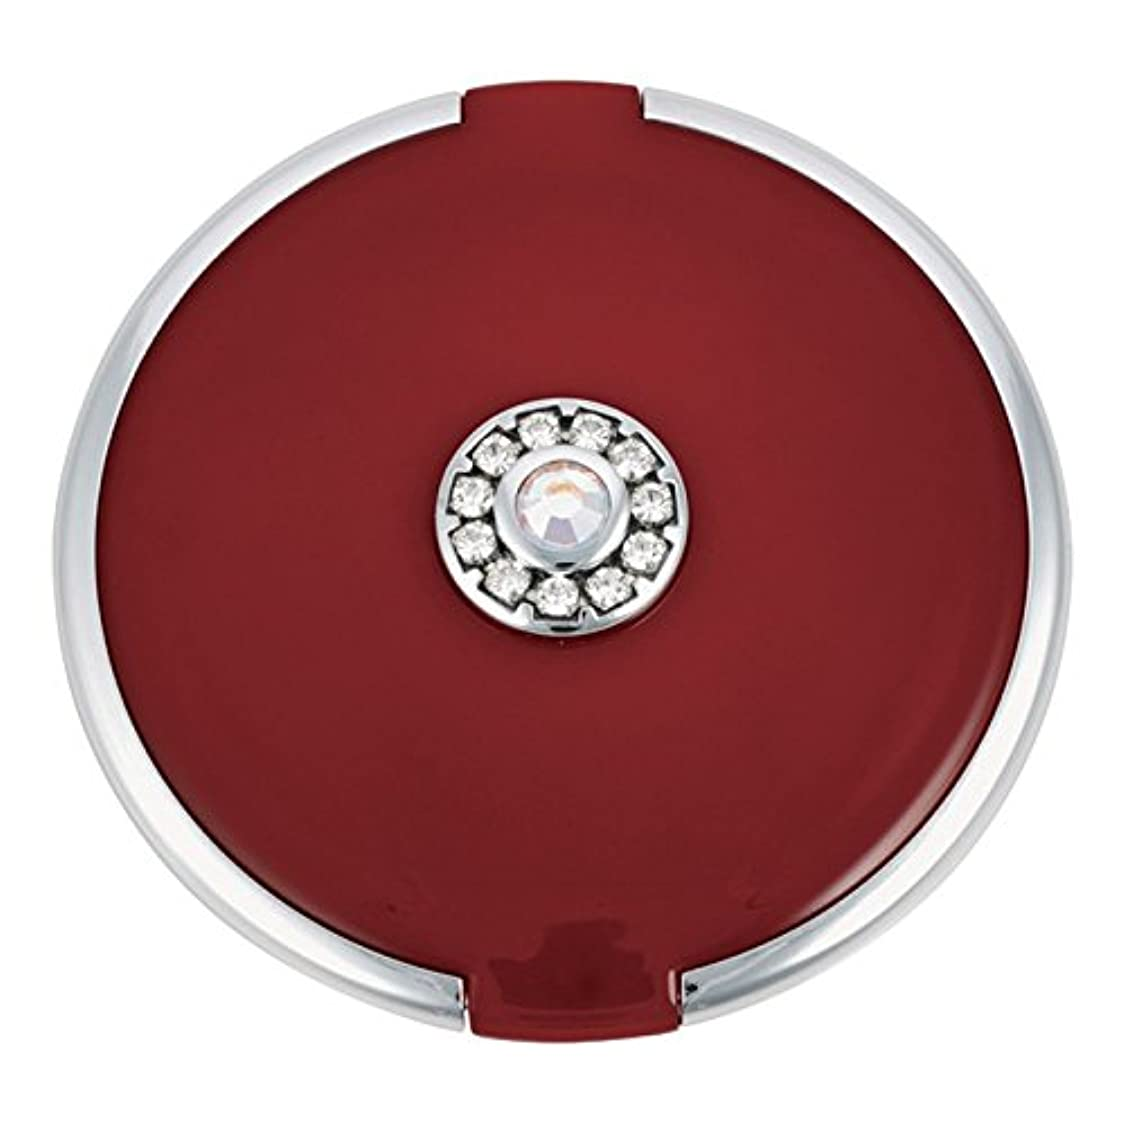 ラッカス飼い慣らす分岐するジョン?ルイスラウンド銀トリム結晶が赤いコンパクトミラーを設定します (John Lewis) (x6) - John Lewis Round Silver Trim Crystal Set Compact Mirror Red (Pack of 6) [並行輸入品]